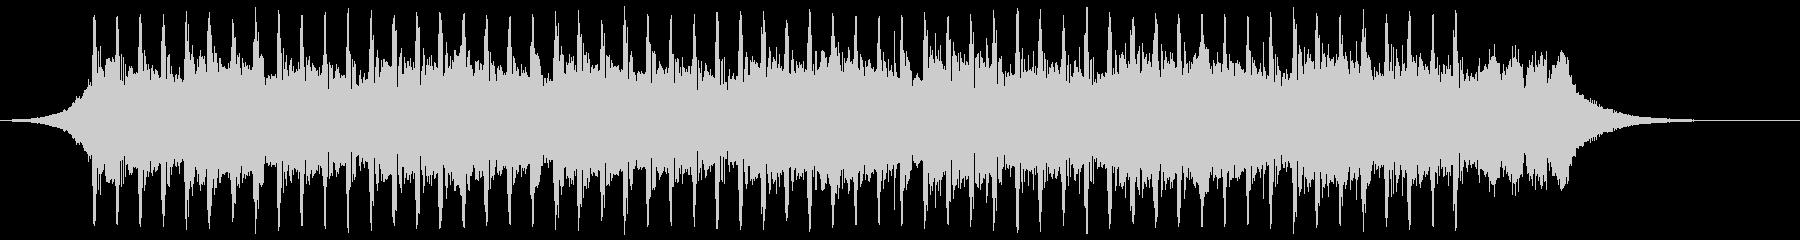 機関(40秒)の未再生の波形